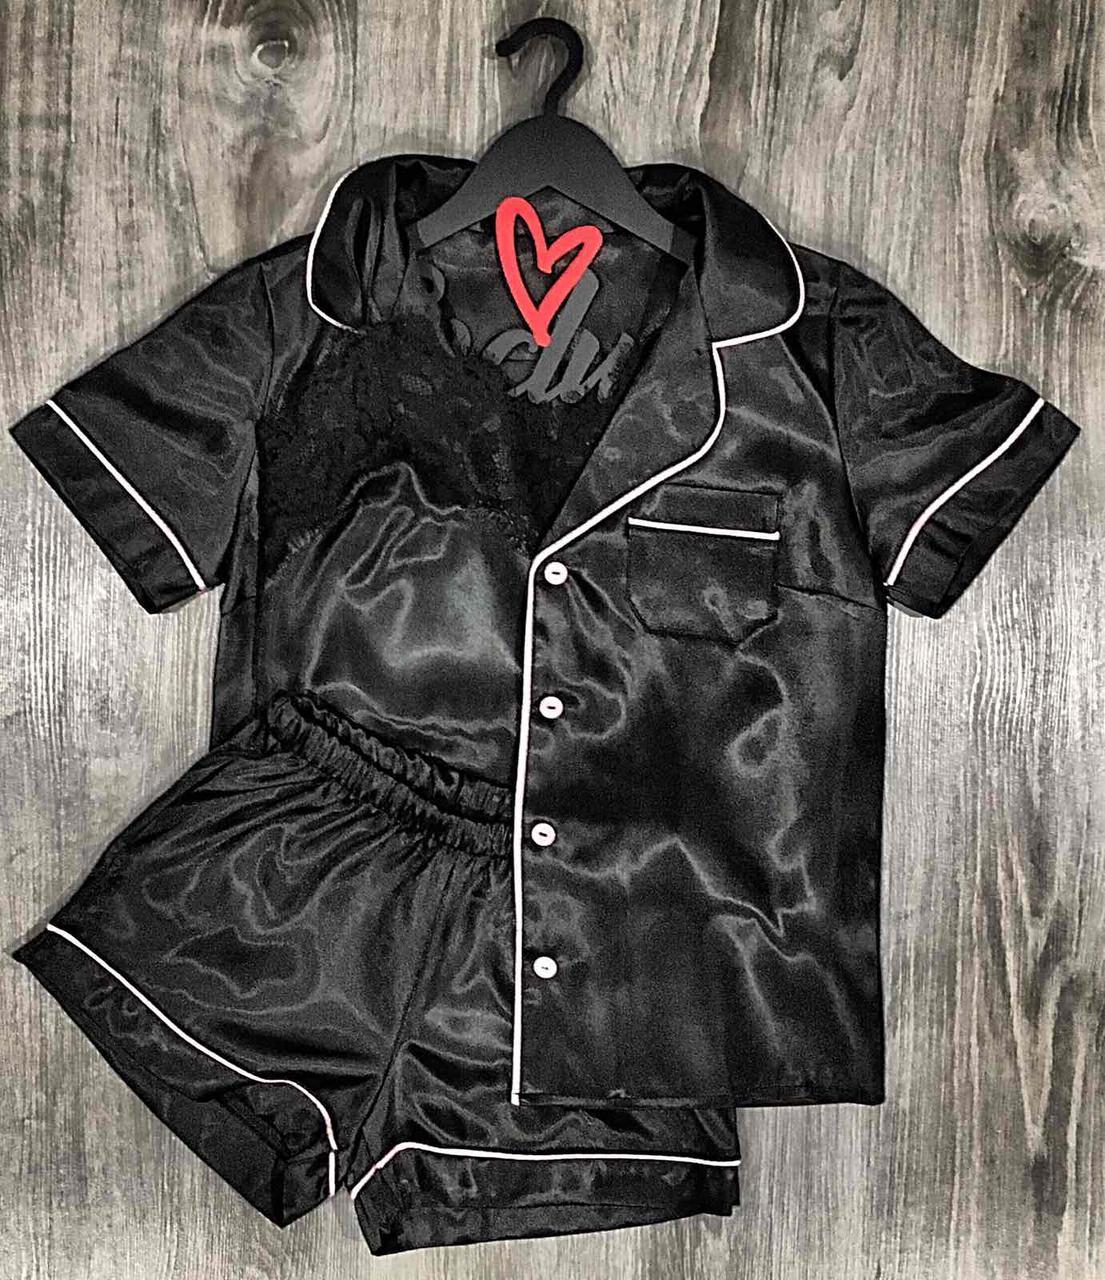 Черная пижама женская рубашка+шорты+майка.